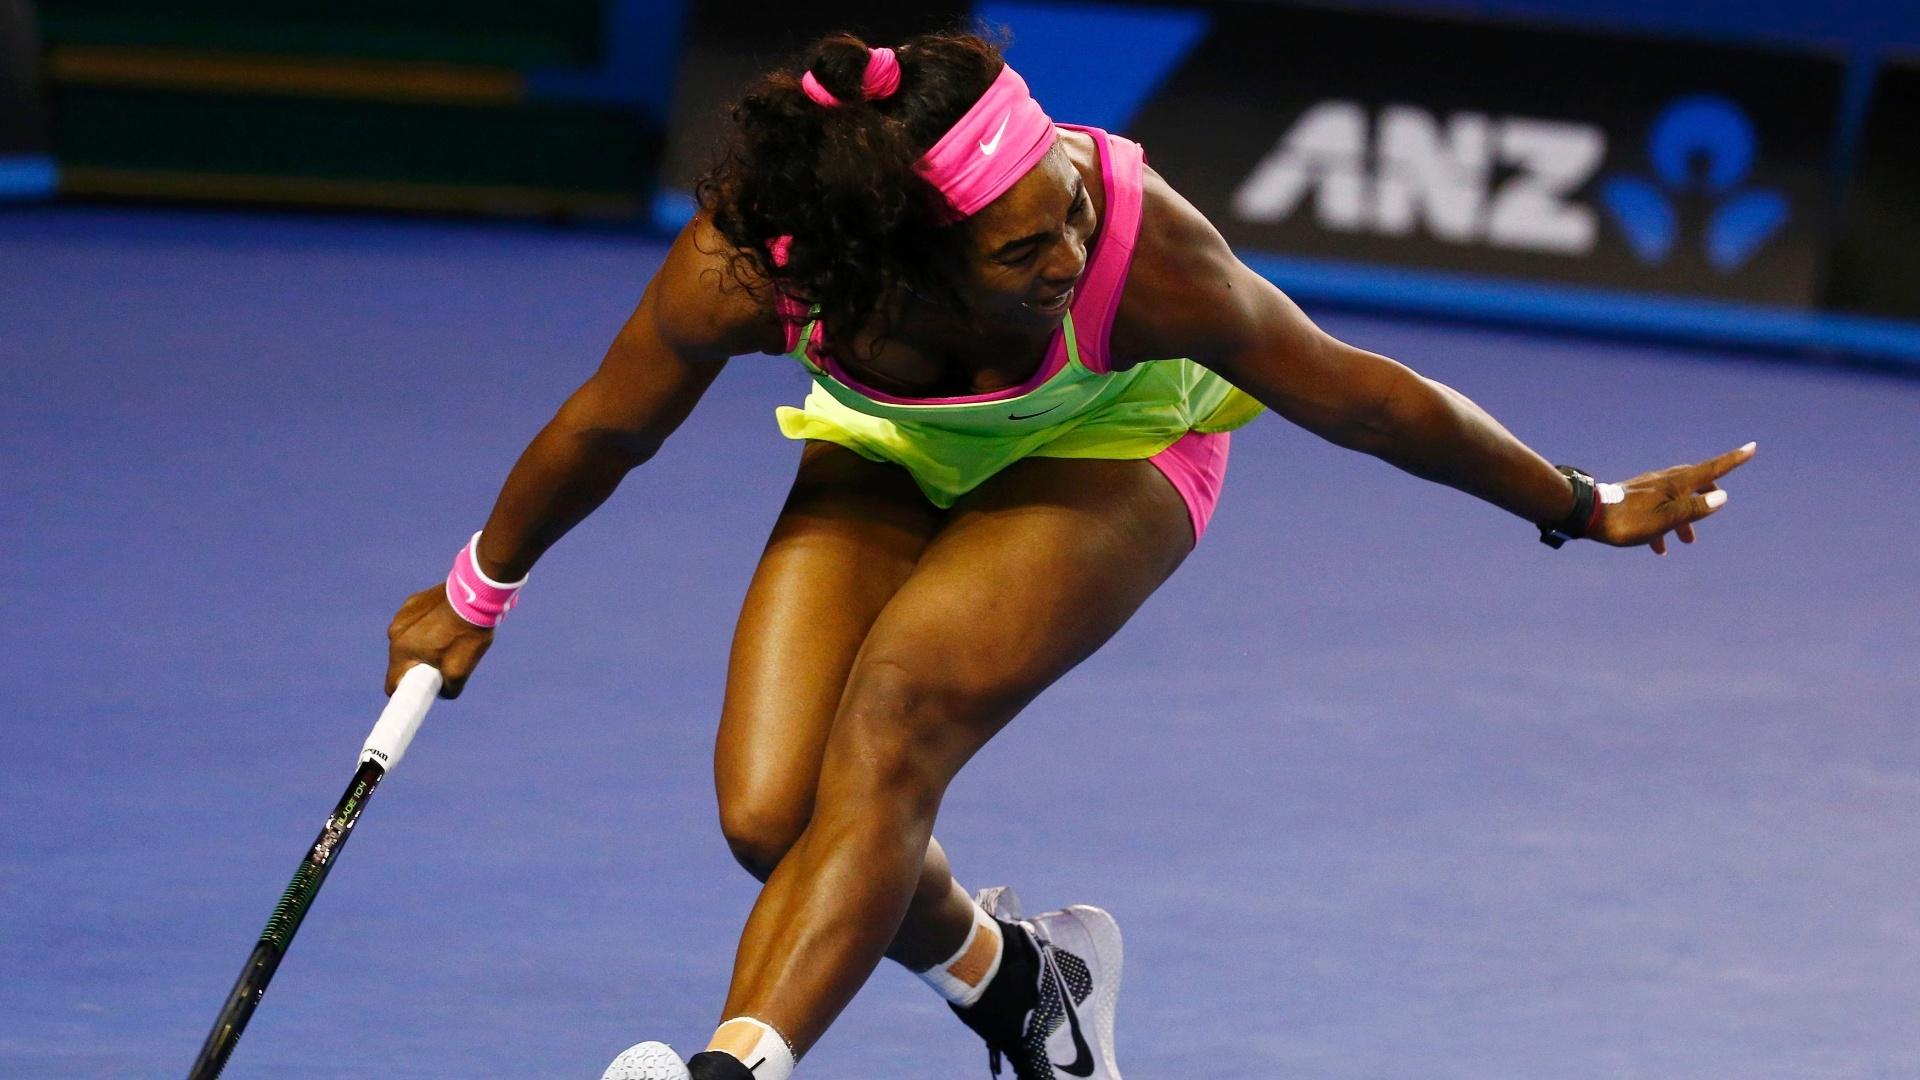 Serena se estica para devolver bola no duelo com Sharapova